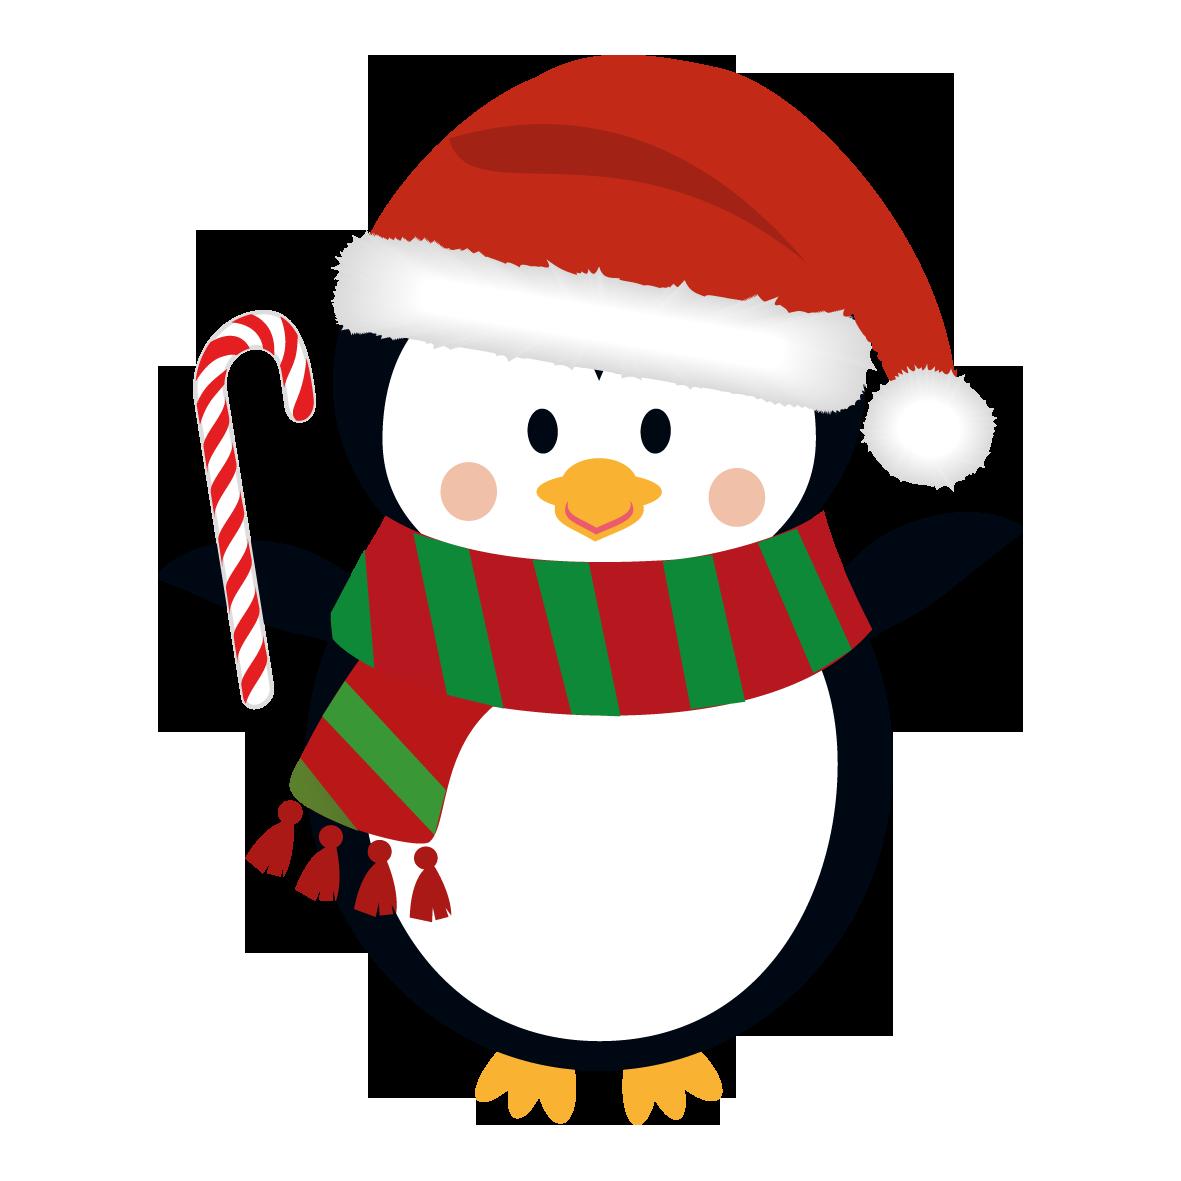 Peekaboopaper Digital Scrapbooking Merry-Peekaboopaper Digital Scrapbooking Merry Christmas Everyone-14